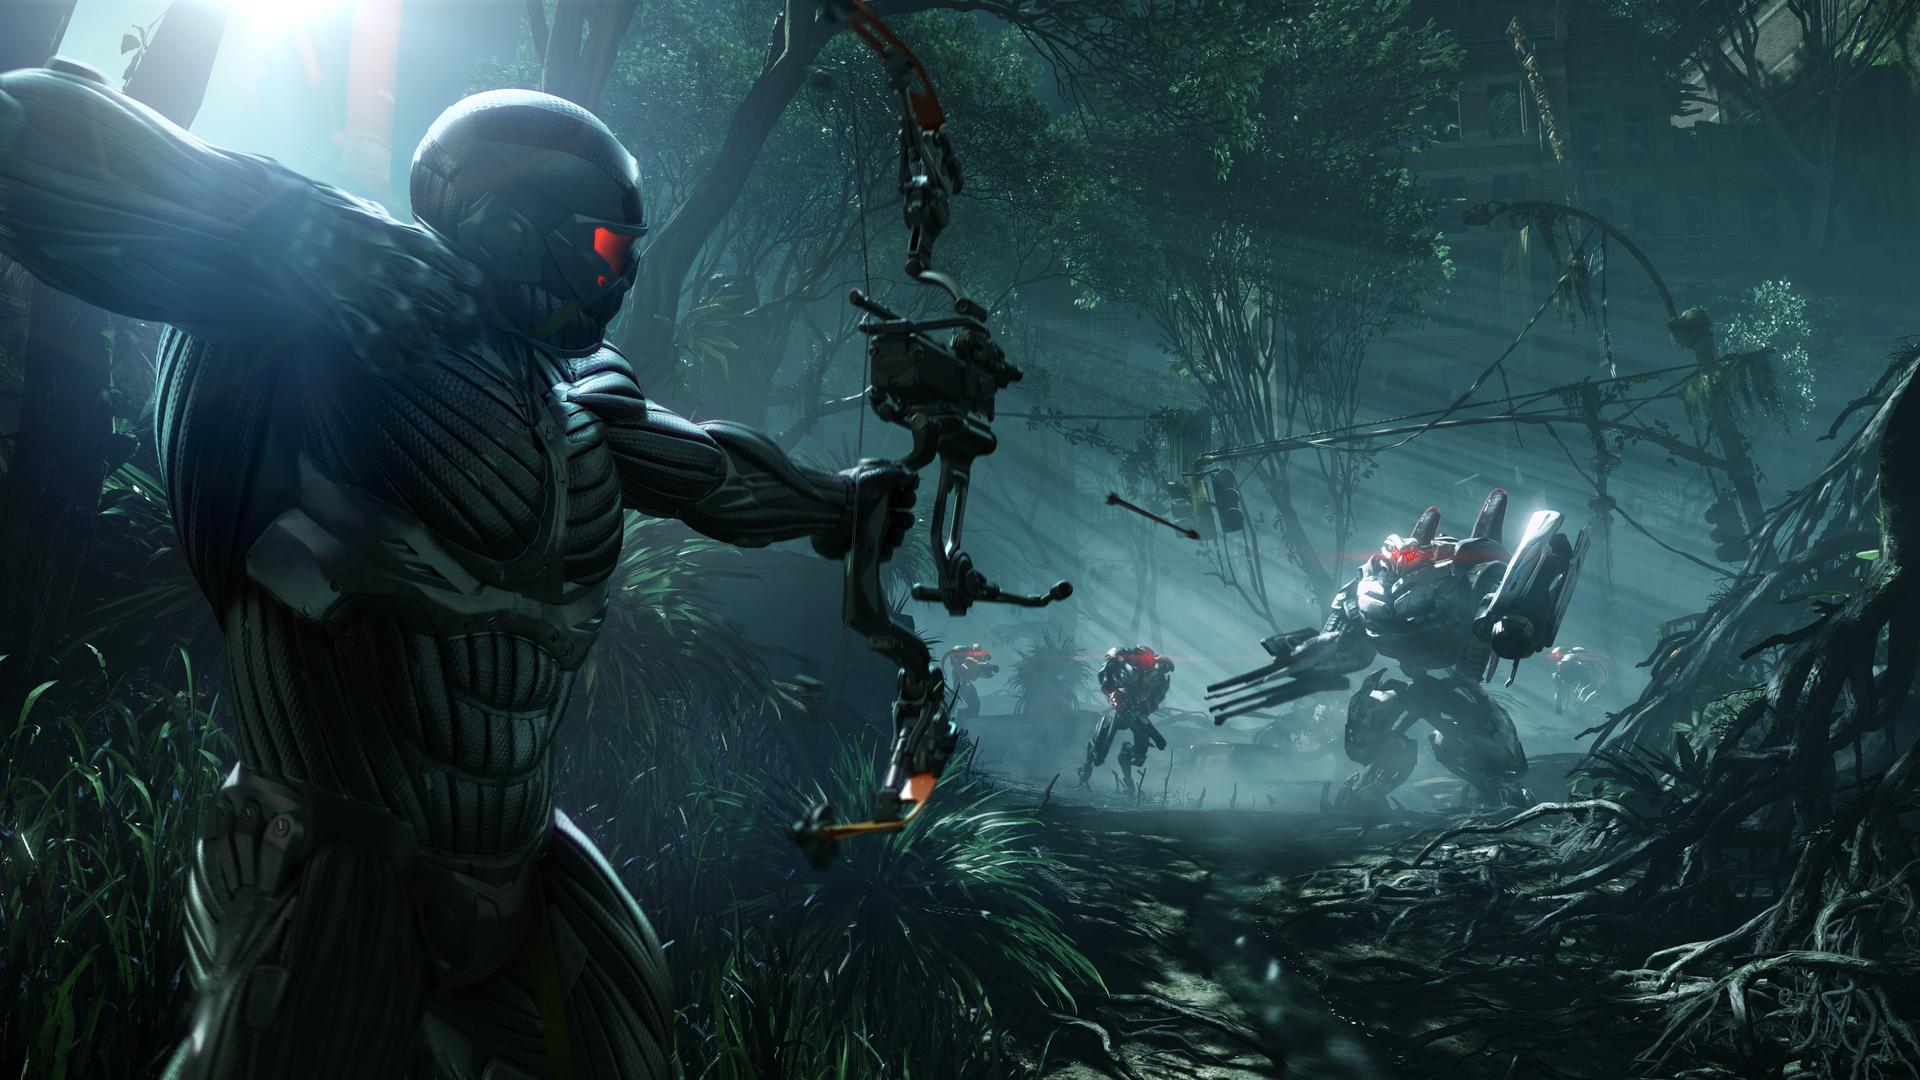 [Tópico Oficial] CRYSIS 3, veja agora o tenso TRAILER do jogo que sai em 2013 Crysis3screenshottheh9ikcn